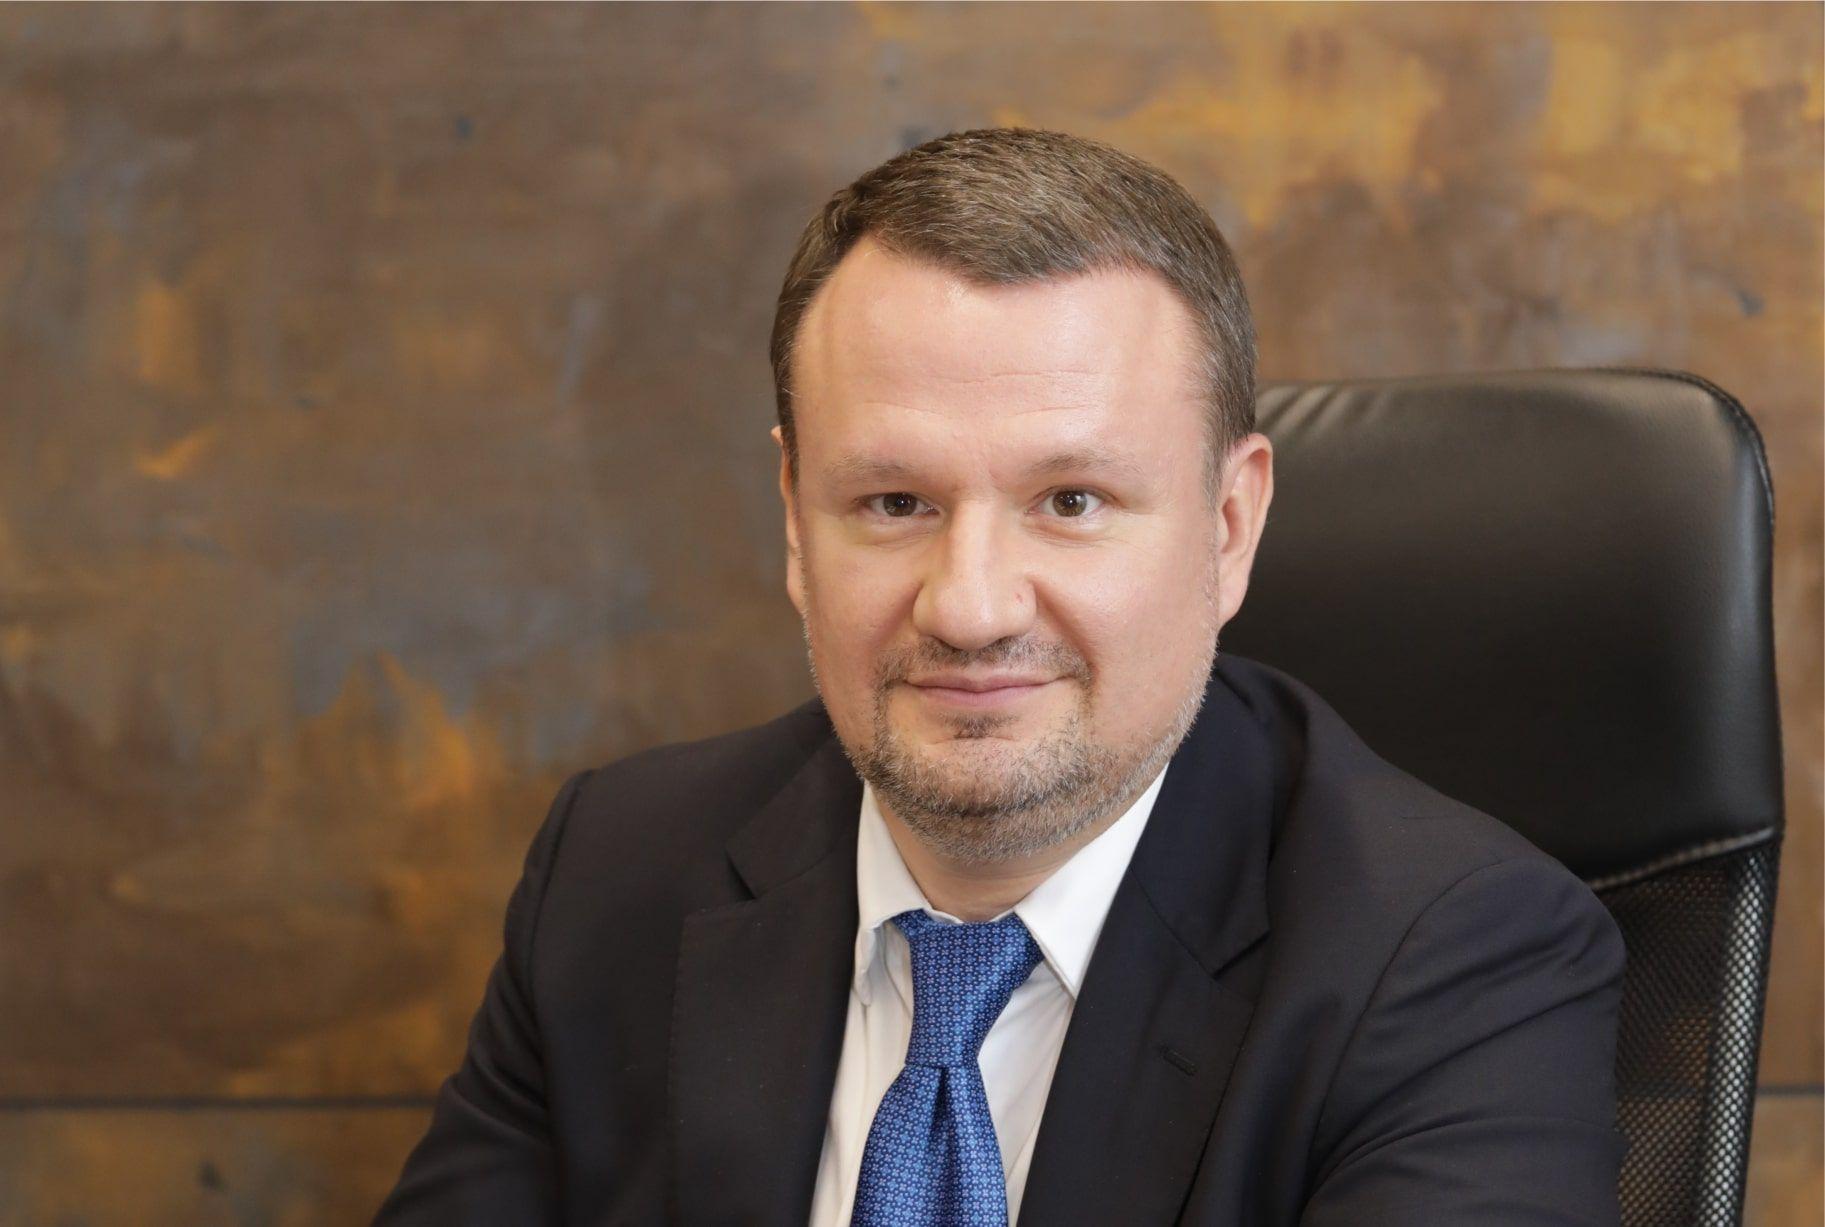 igor_danilov